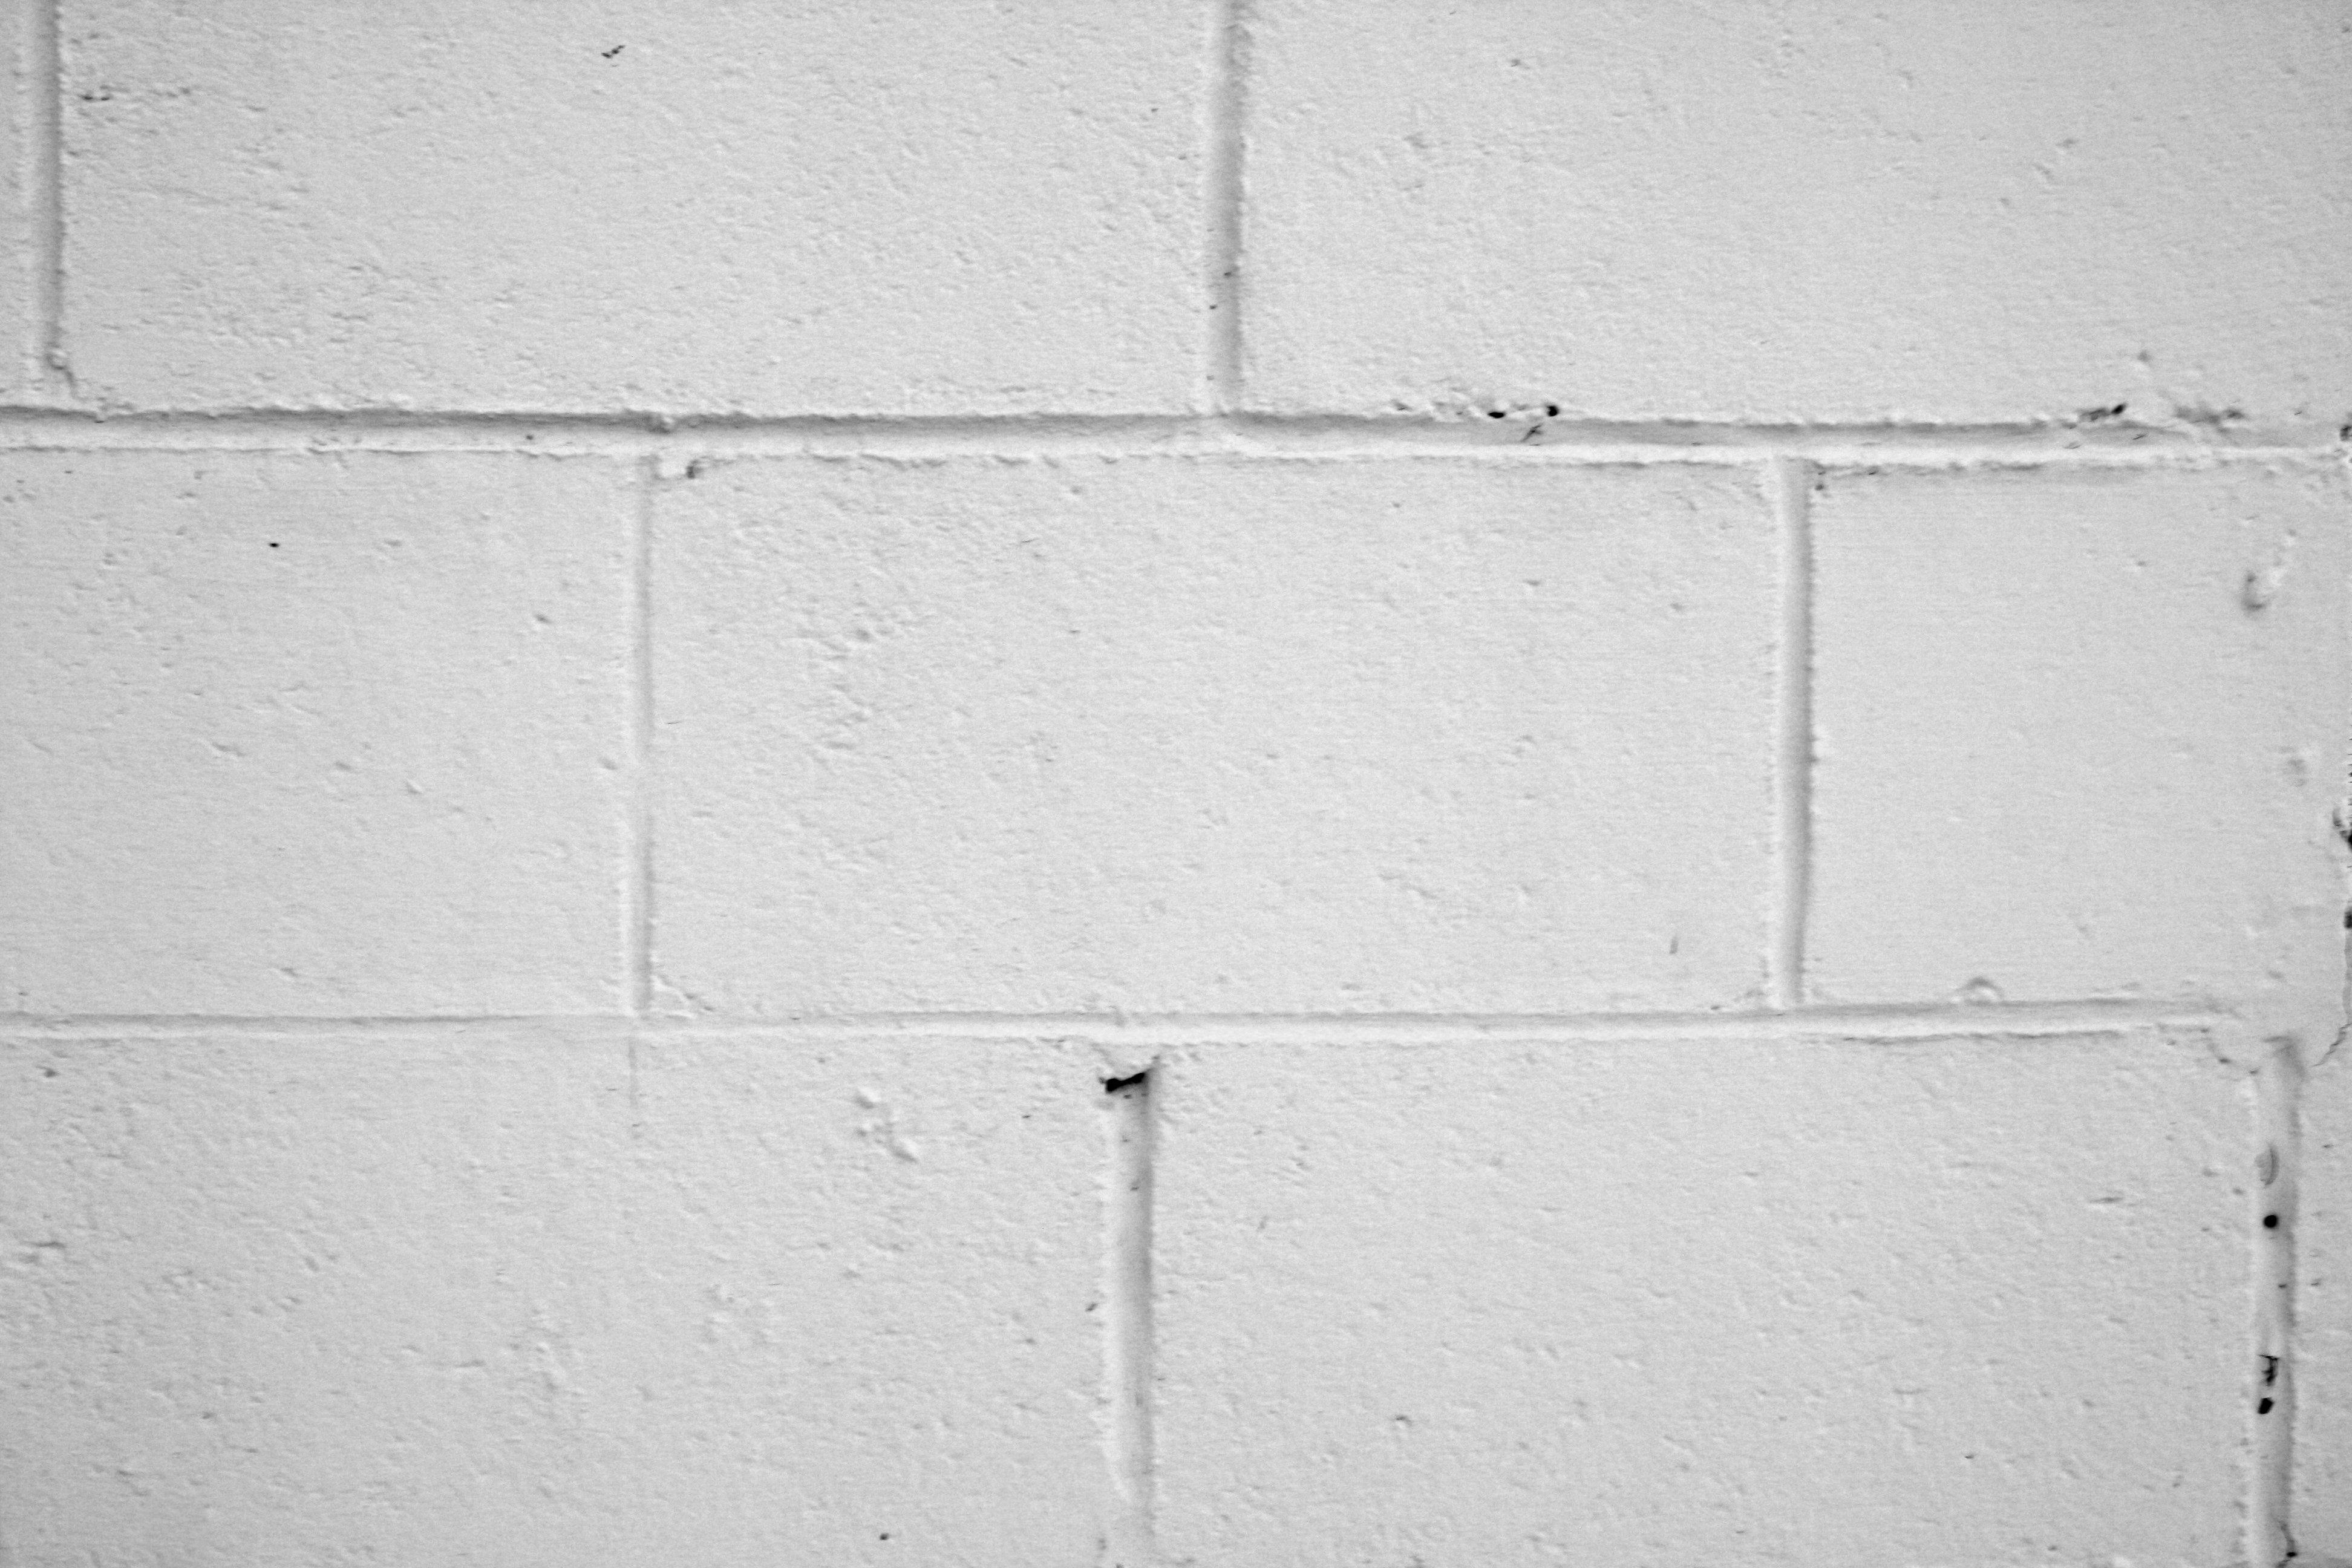 Pin Cinder Block Wall Texture Jpg 3888 2592 Cinder Block Walls Brick Texture Textured Walls